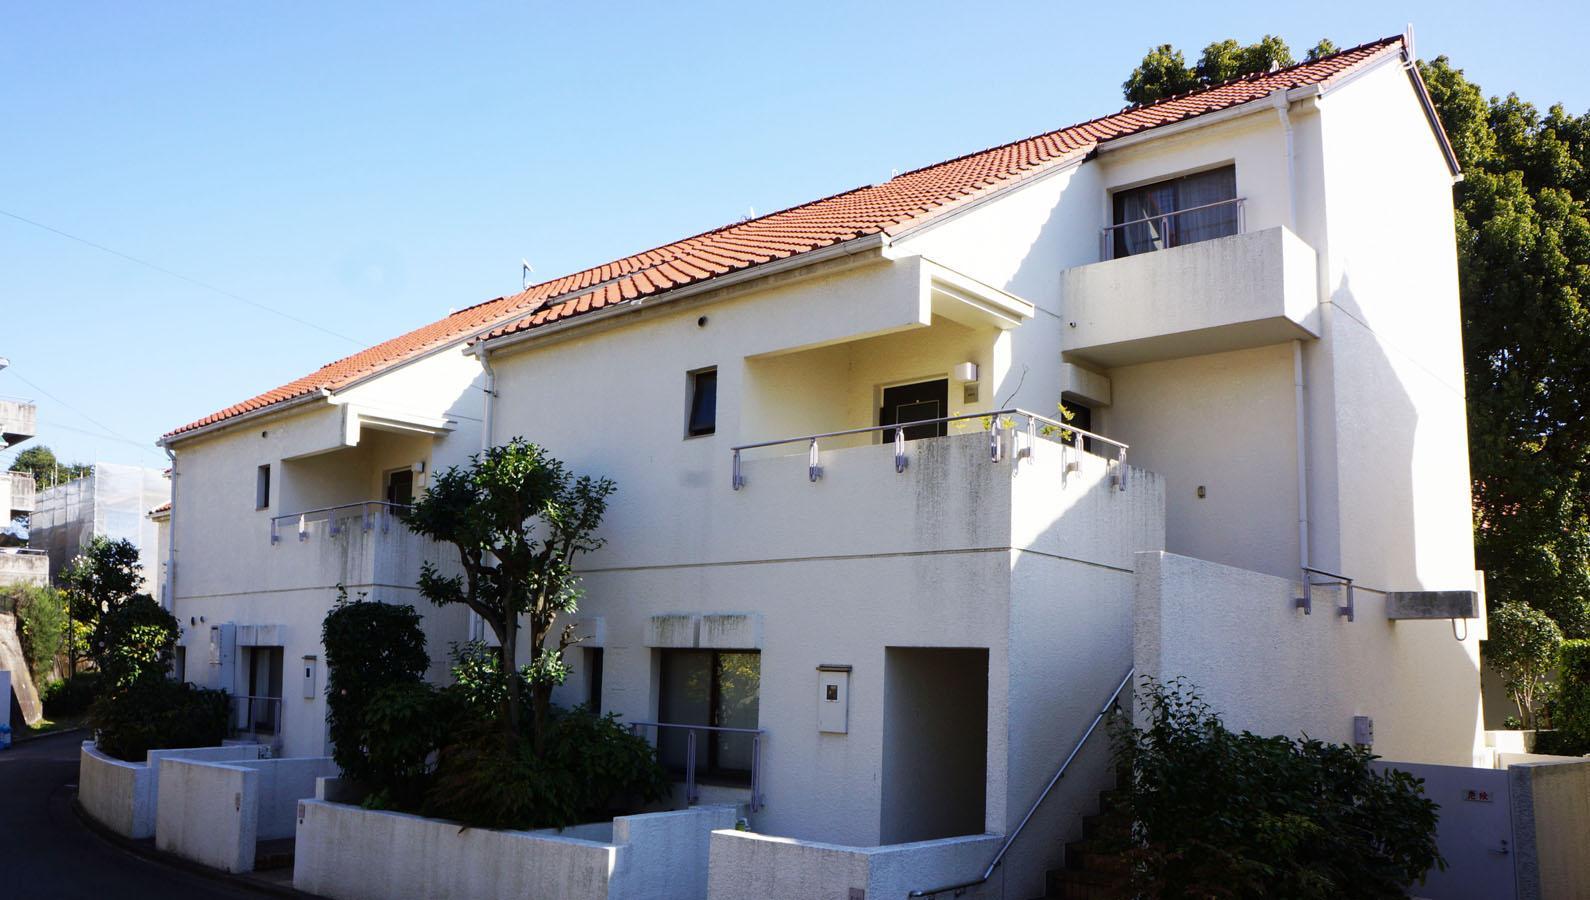 白い外壁とオレンジ色の屋根が印象的な外観(玄関側)。大型メゾネット住戸が連続したプランが特徴的